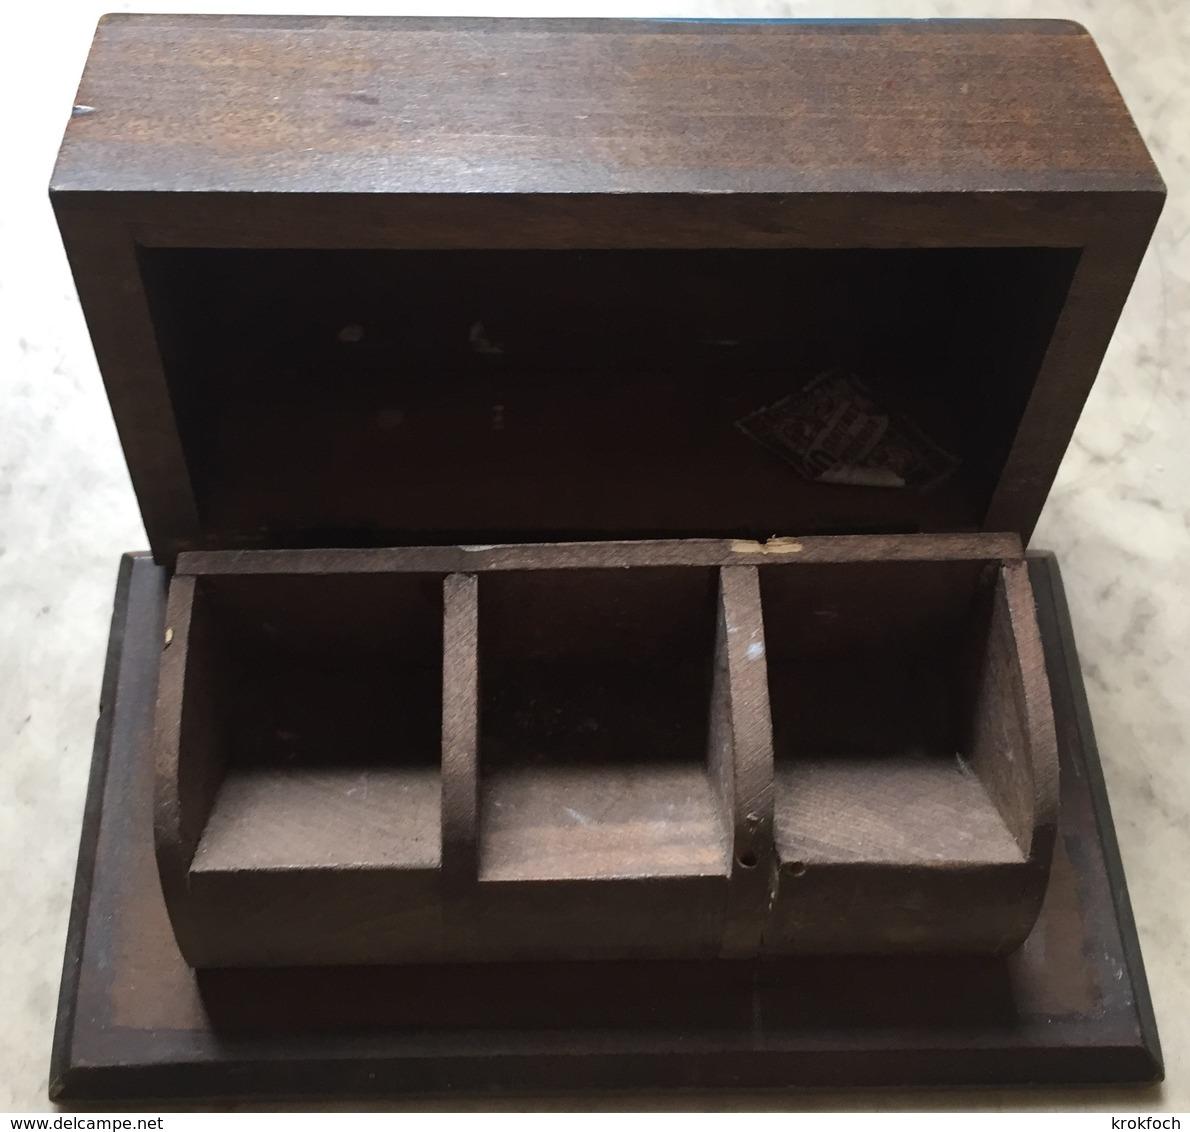 Boîte à Timbres Bretagne Yvan - Breton & Bretonne - Bois - 12,5 Cm X 6,7 Cm X 4 Cm - Boites A Timbres